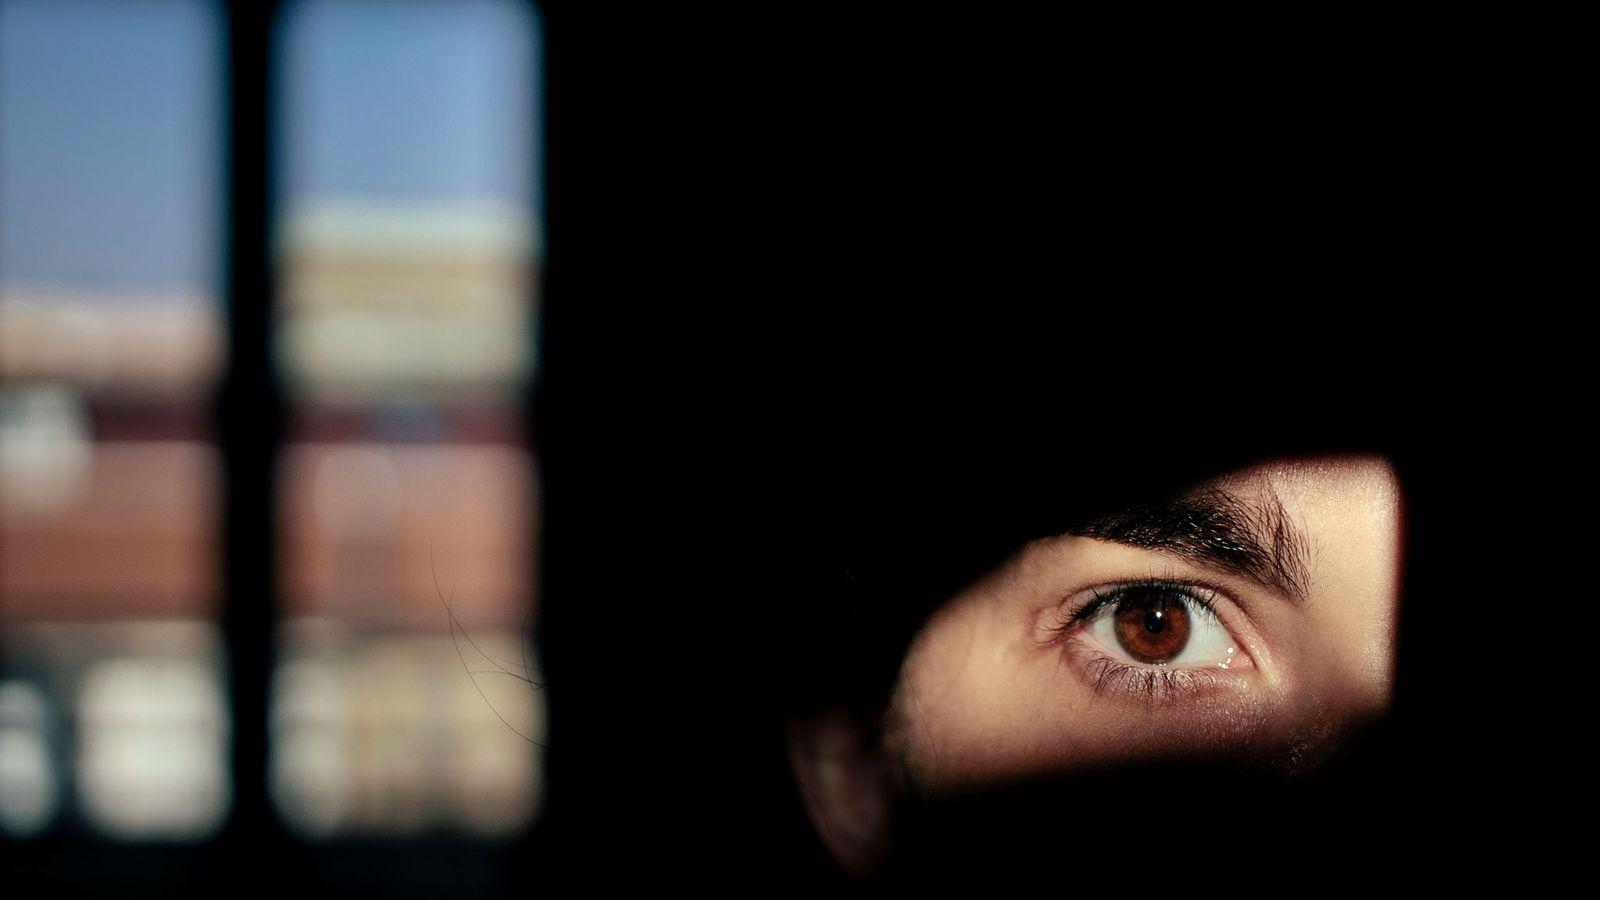 A fotógrafa Camilla Ferrari tira um autorretrato enquanto está de quarentena em Milão. Os psicólogos estão ...